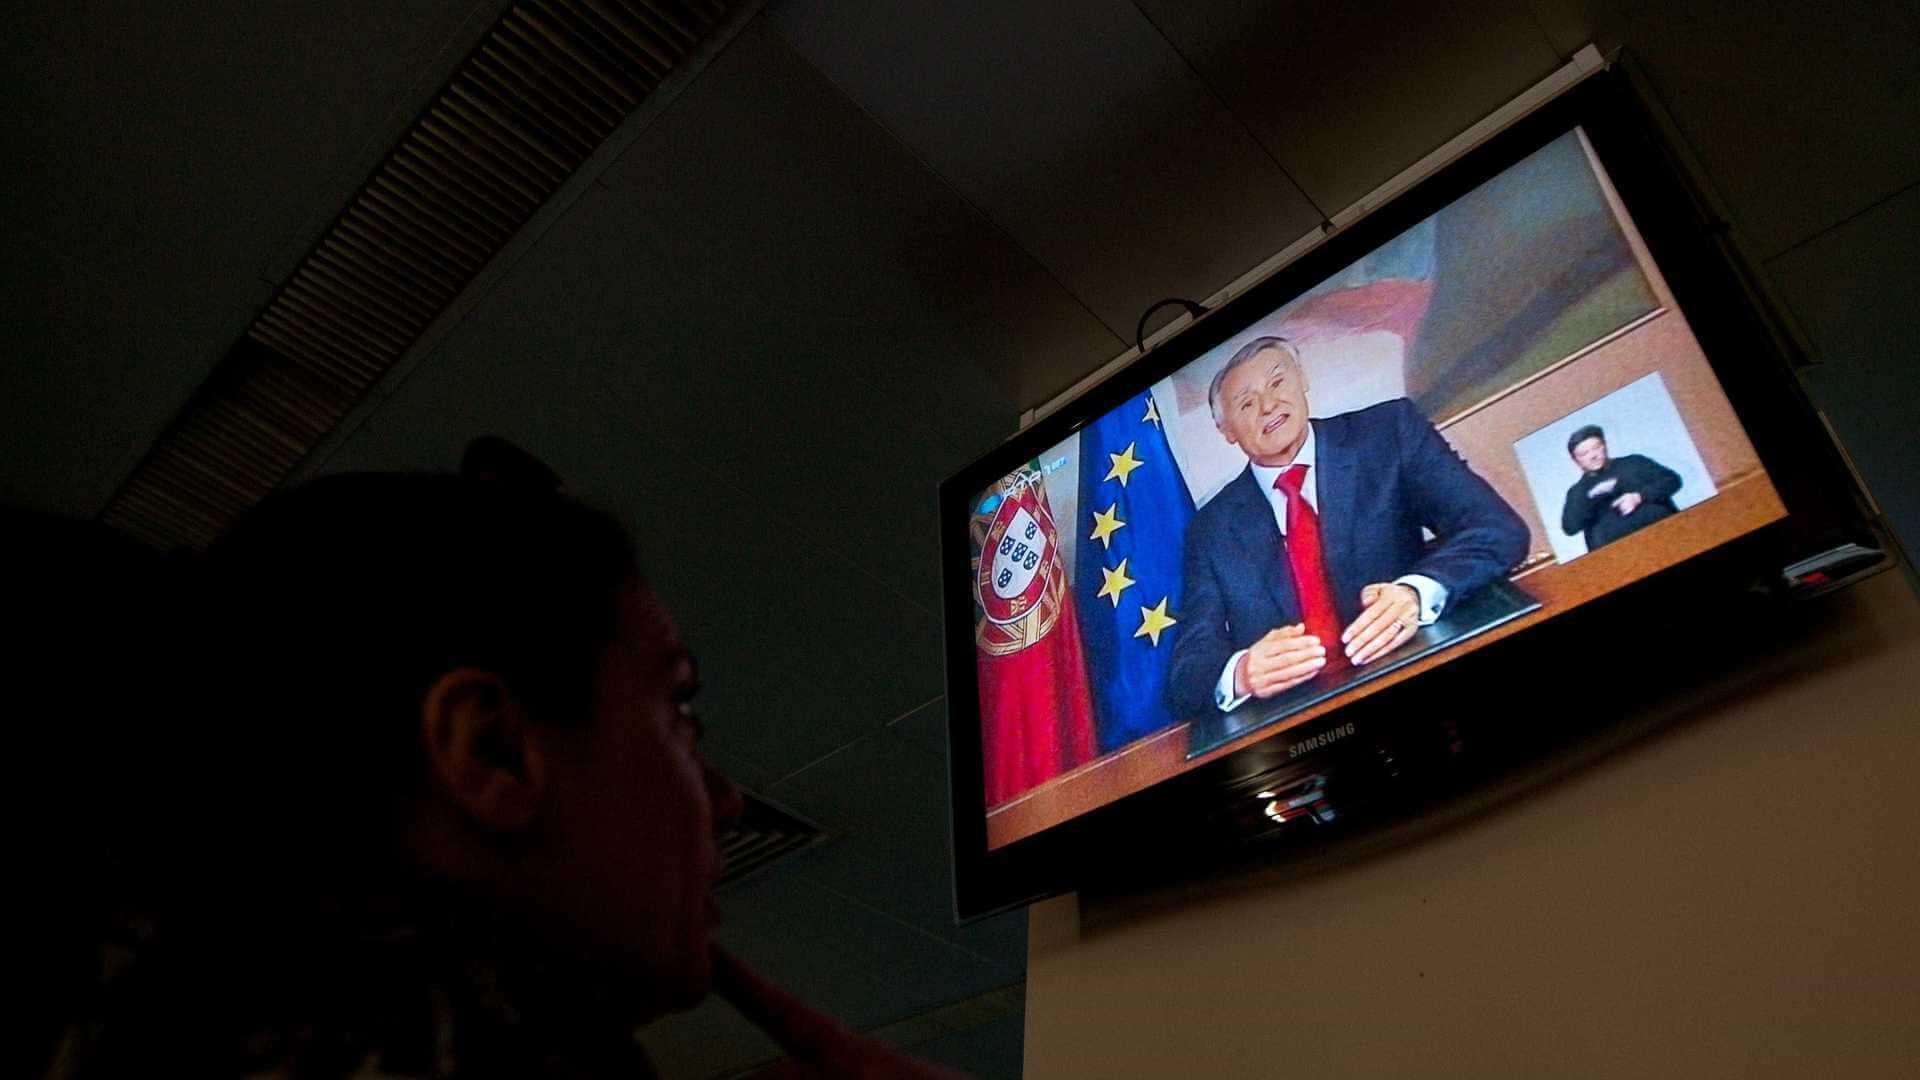 A televisão influencia sua opinião política?